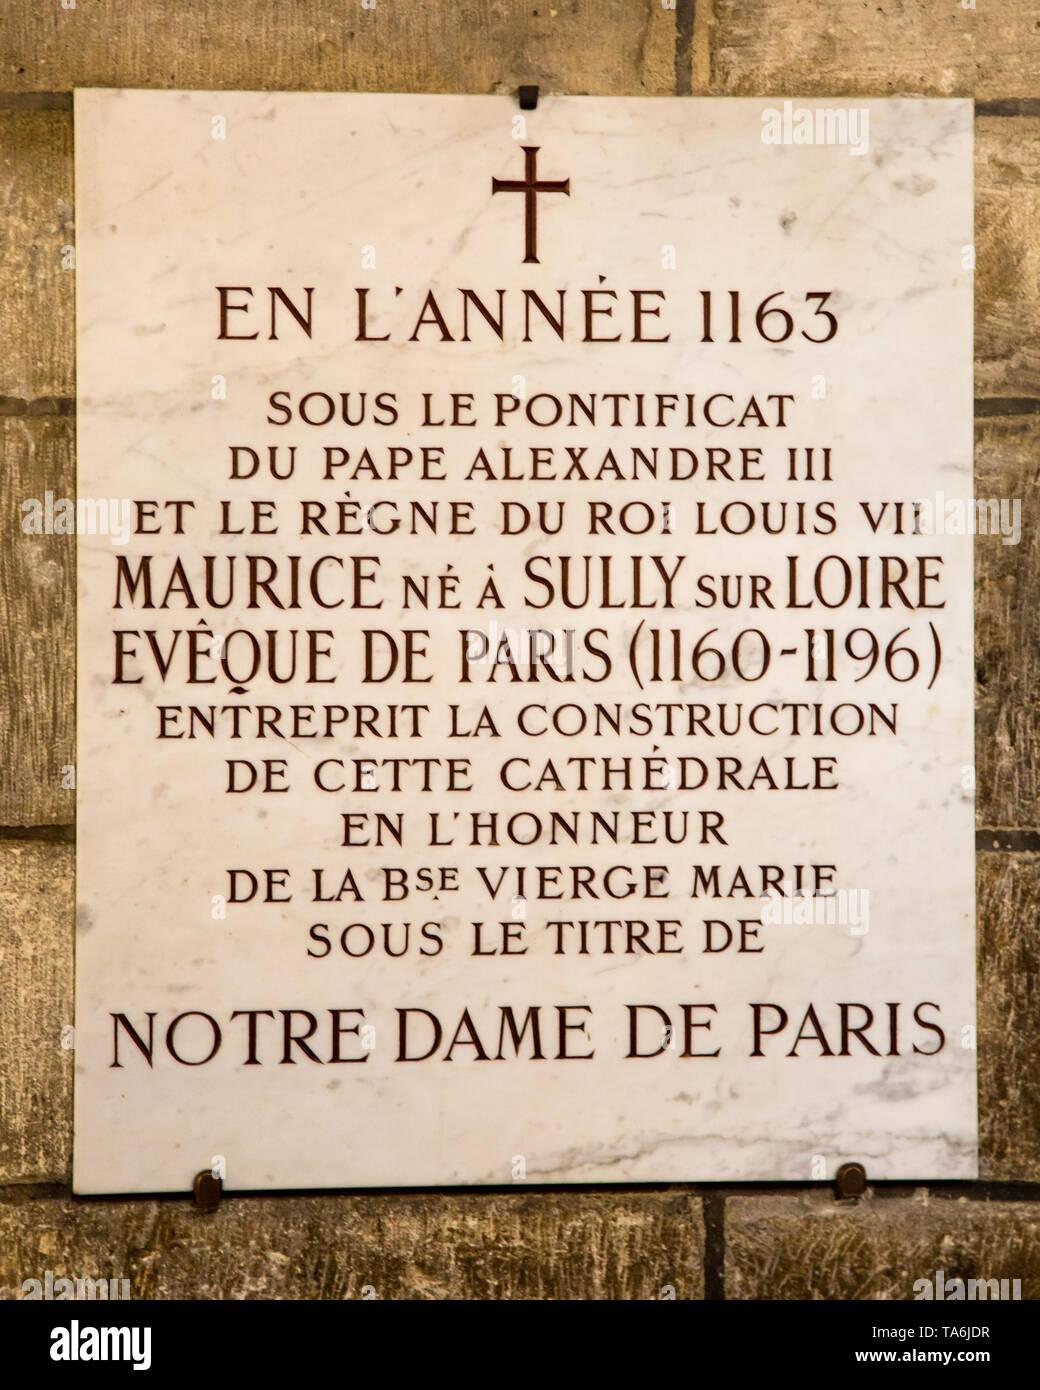 A plaque inside Notre Dame de Paris commemorating the construction, dated 1163. - Stock Image